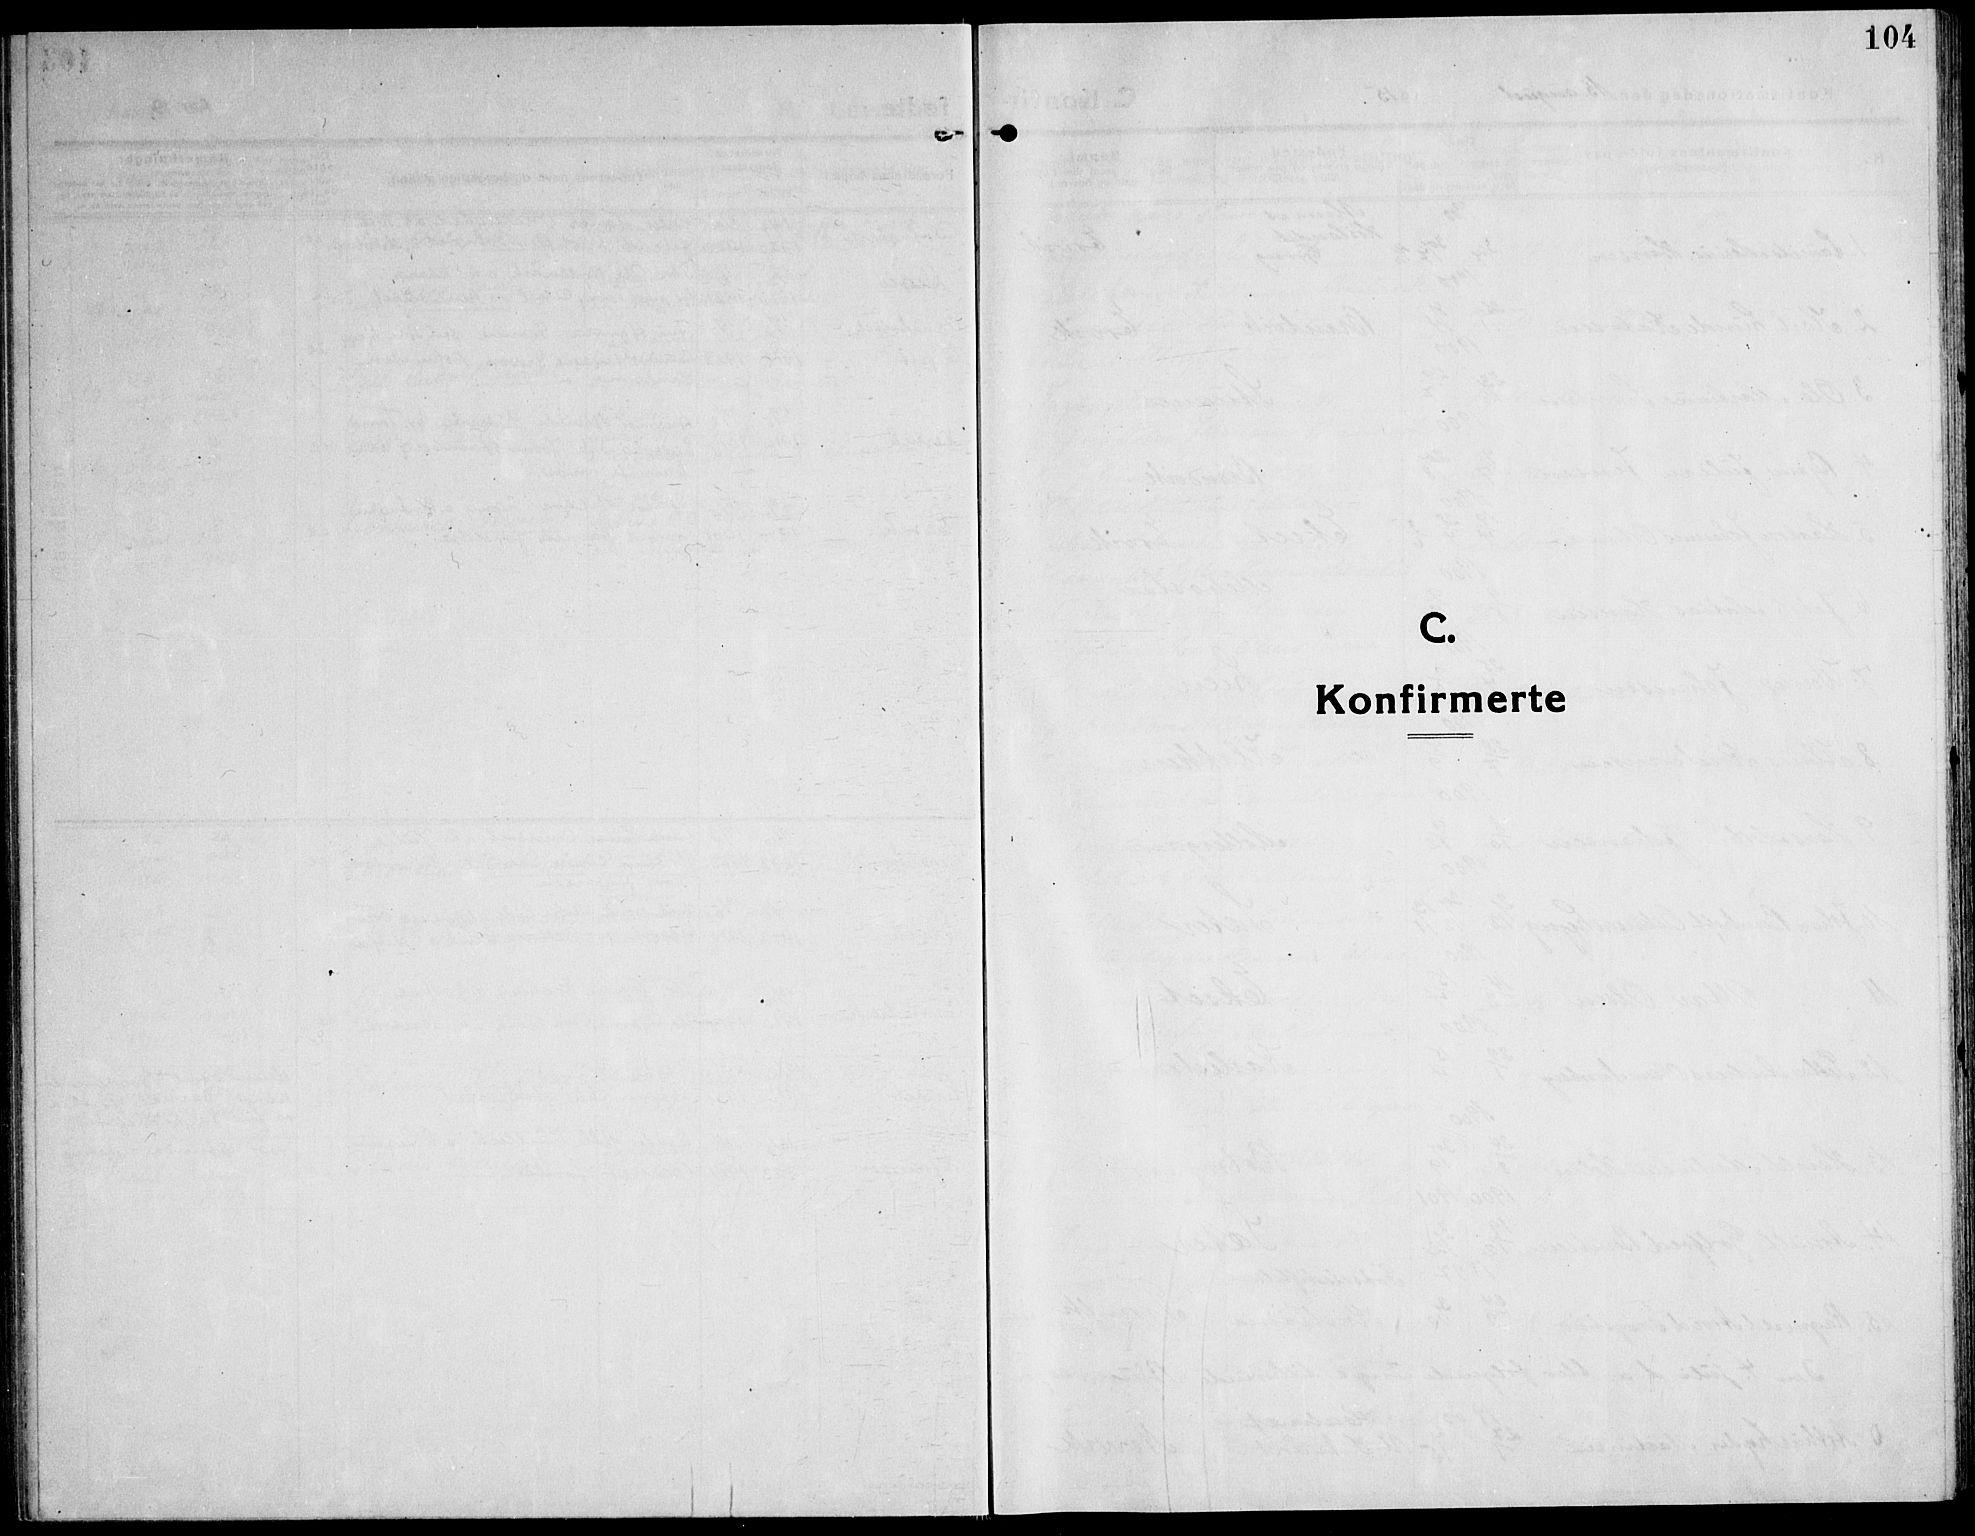 SAT, Ministerialprotokoller, klokkerbøker og fødselsregistre - Sør-Trøndelag, 651/L0648: Klokkerbok nr. 651C02, 1915-1945, s. 104